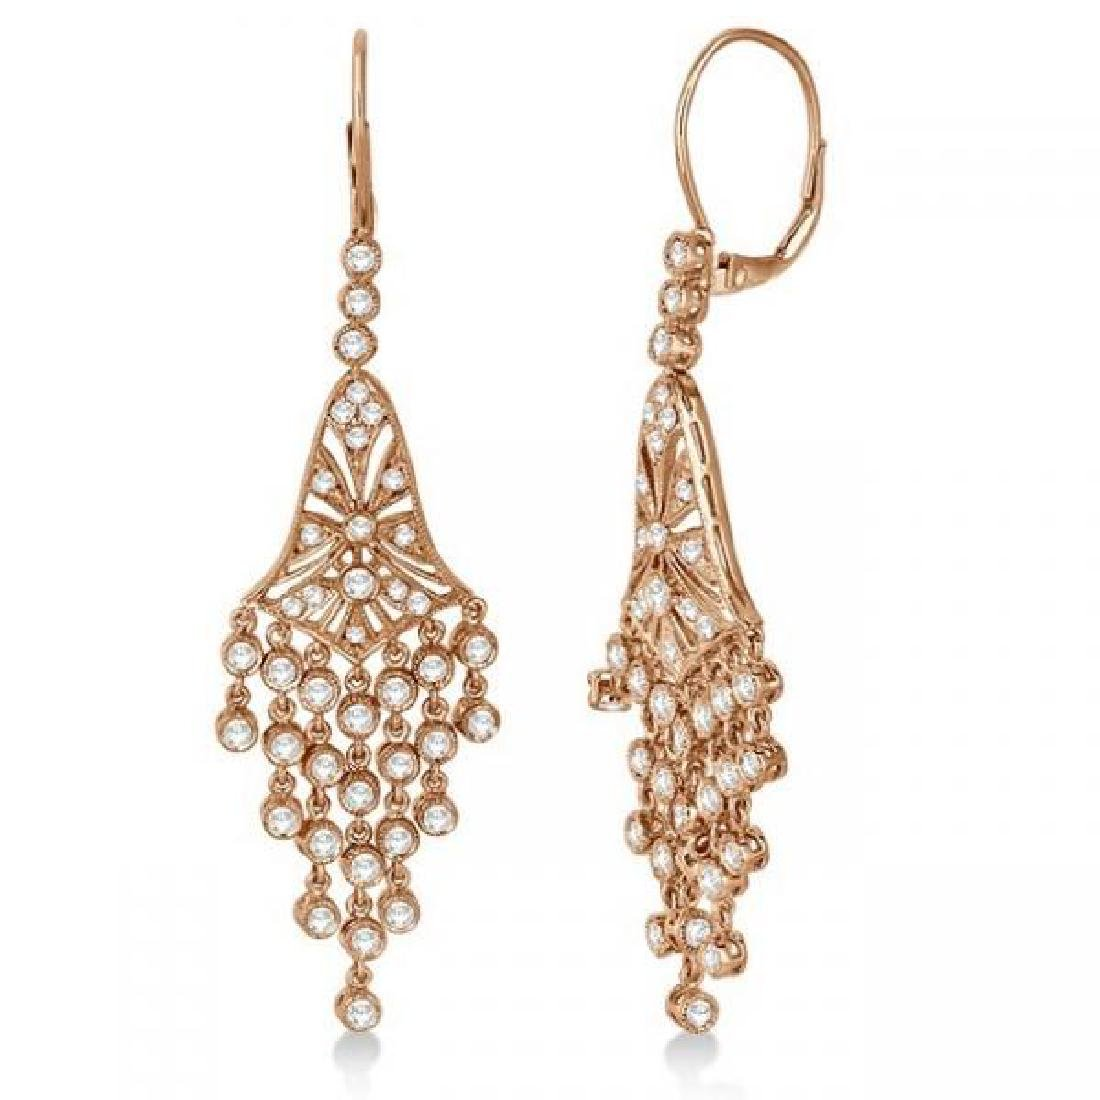 Bezel-Set Dangling Chandelier Diamond Earrings 14K Rose